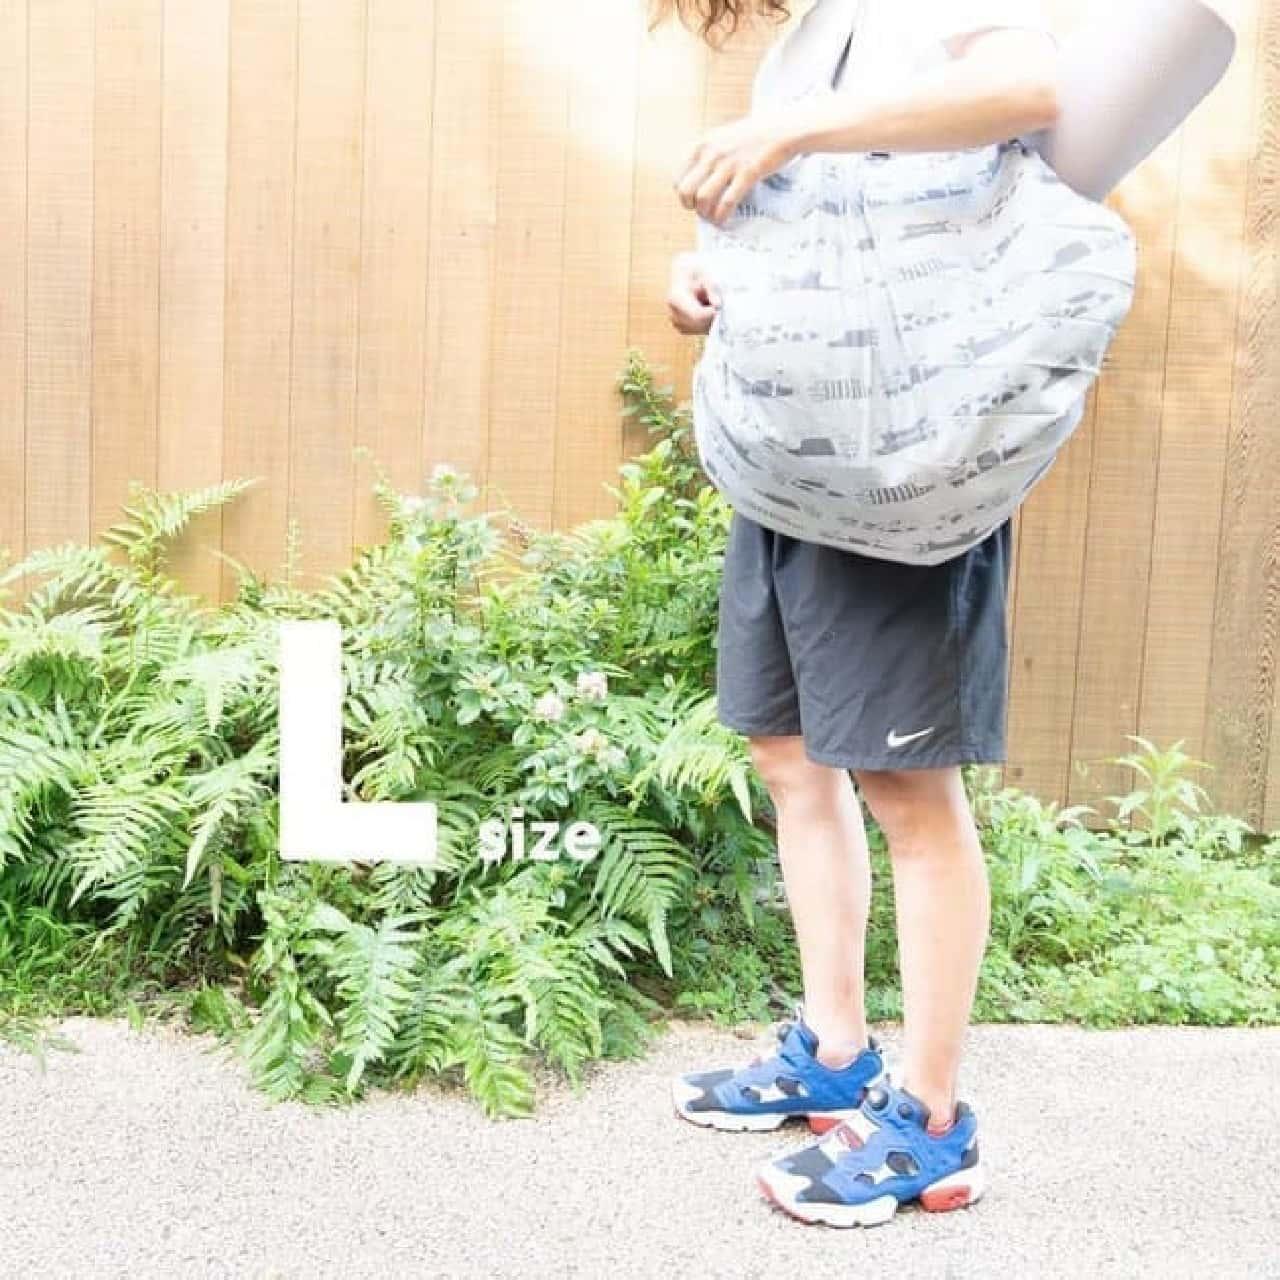 リサ・ラーソンのエコバッグ4点セット -- シュパットLサイズ・収納袋一体型など